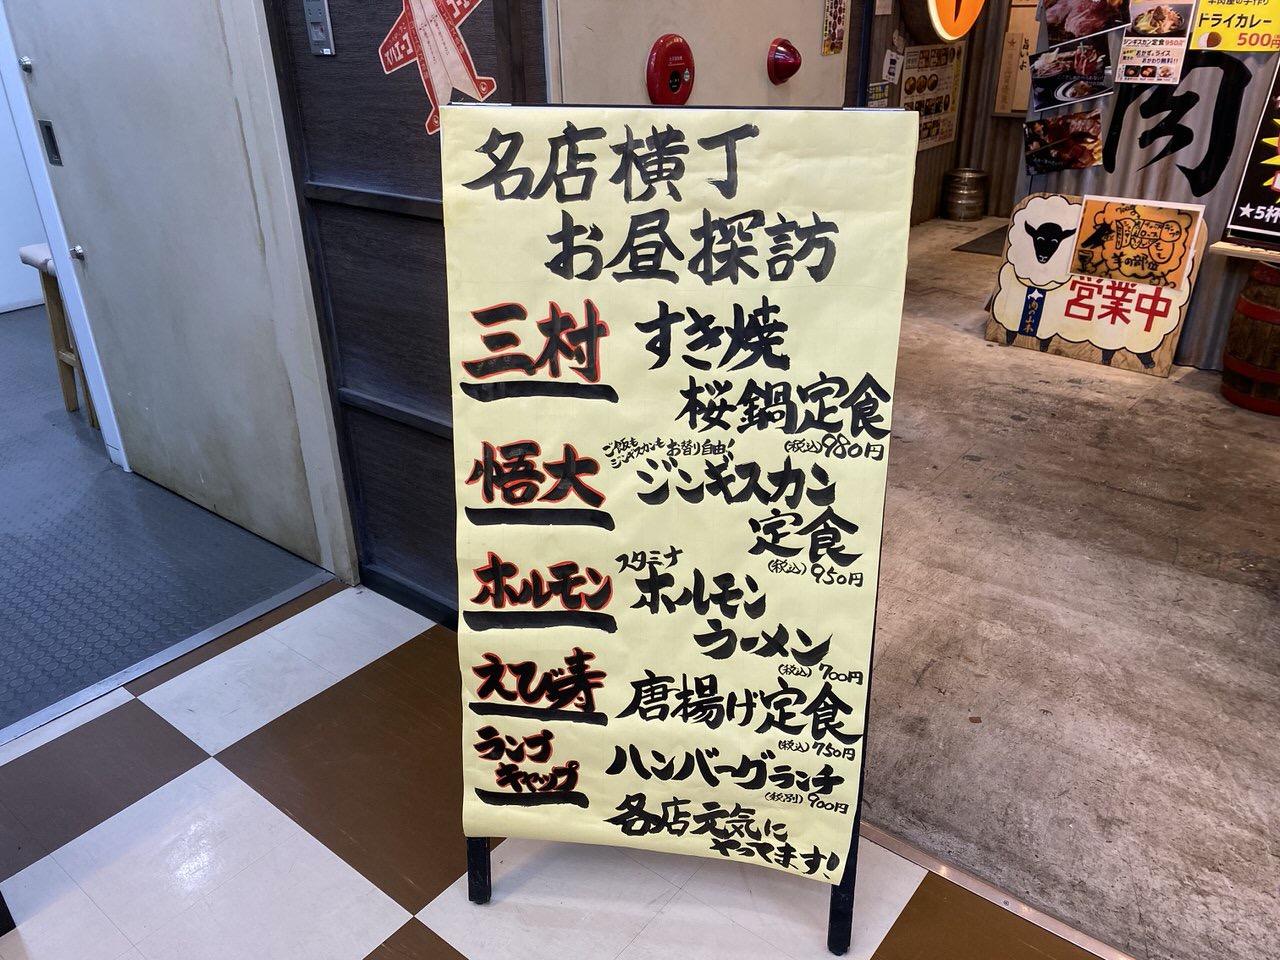 「羊肉酒場悟大」ジンギスカン定食 2